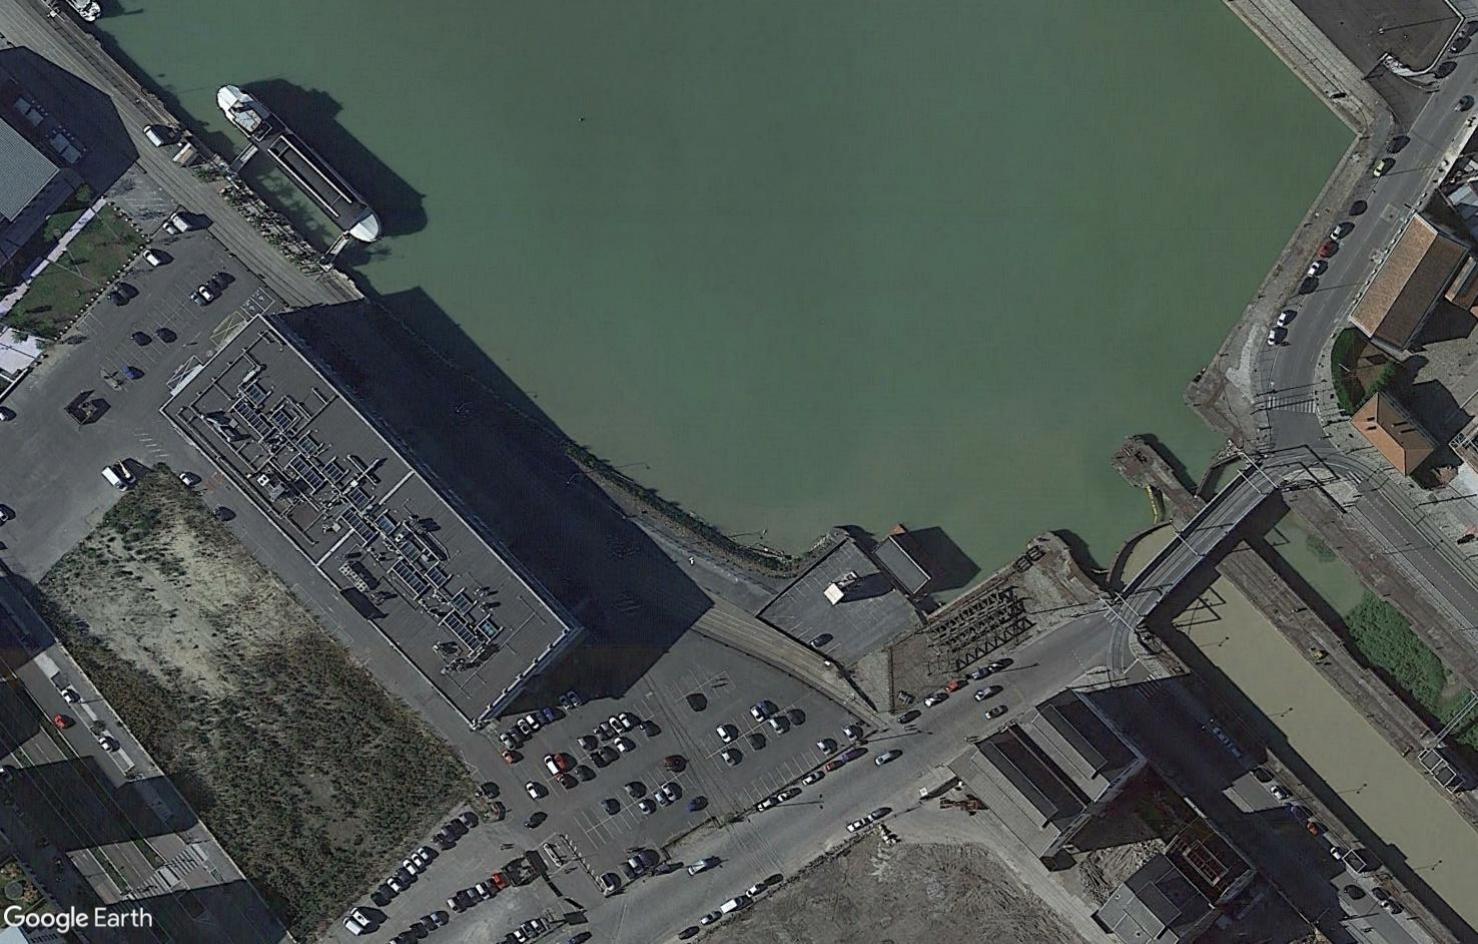 ( bientôt visible sur google earth ) soucoupe volante Bordeaux France Soucou10